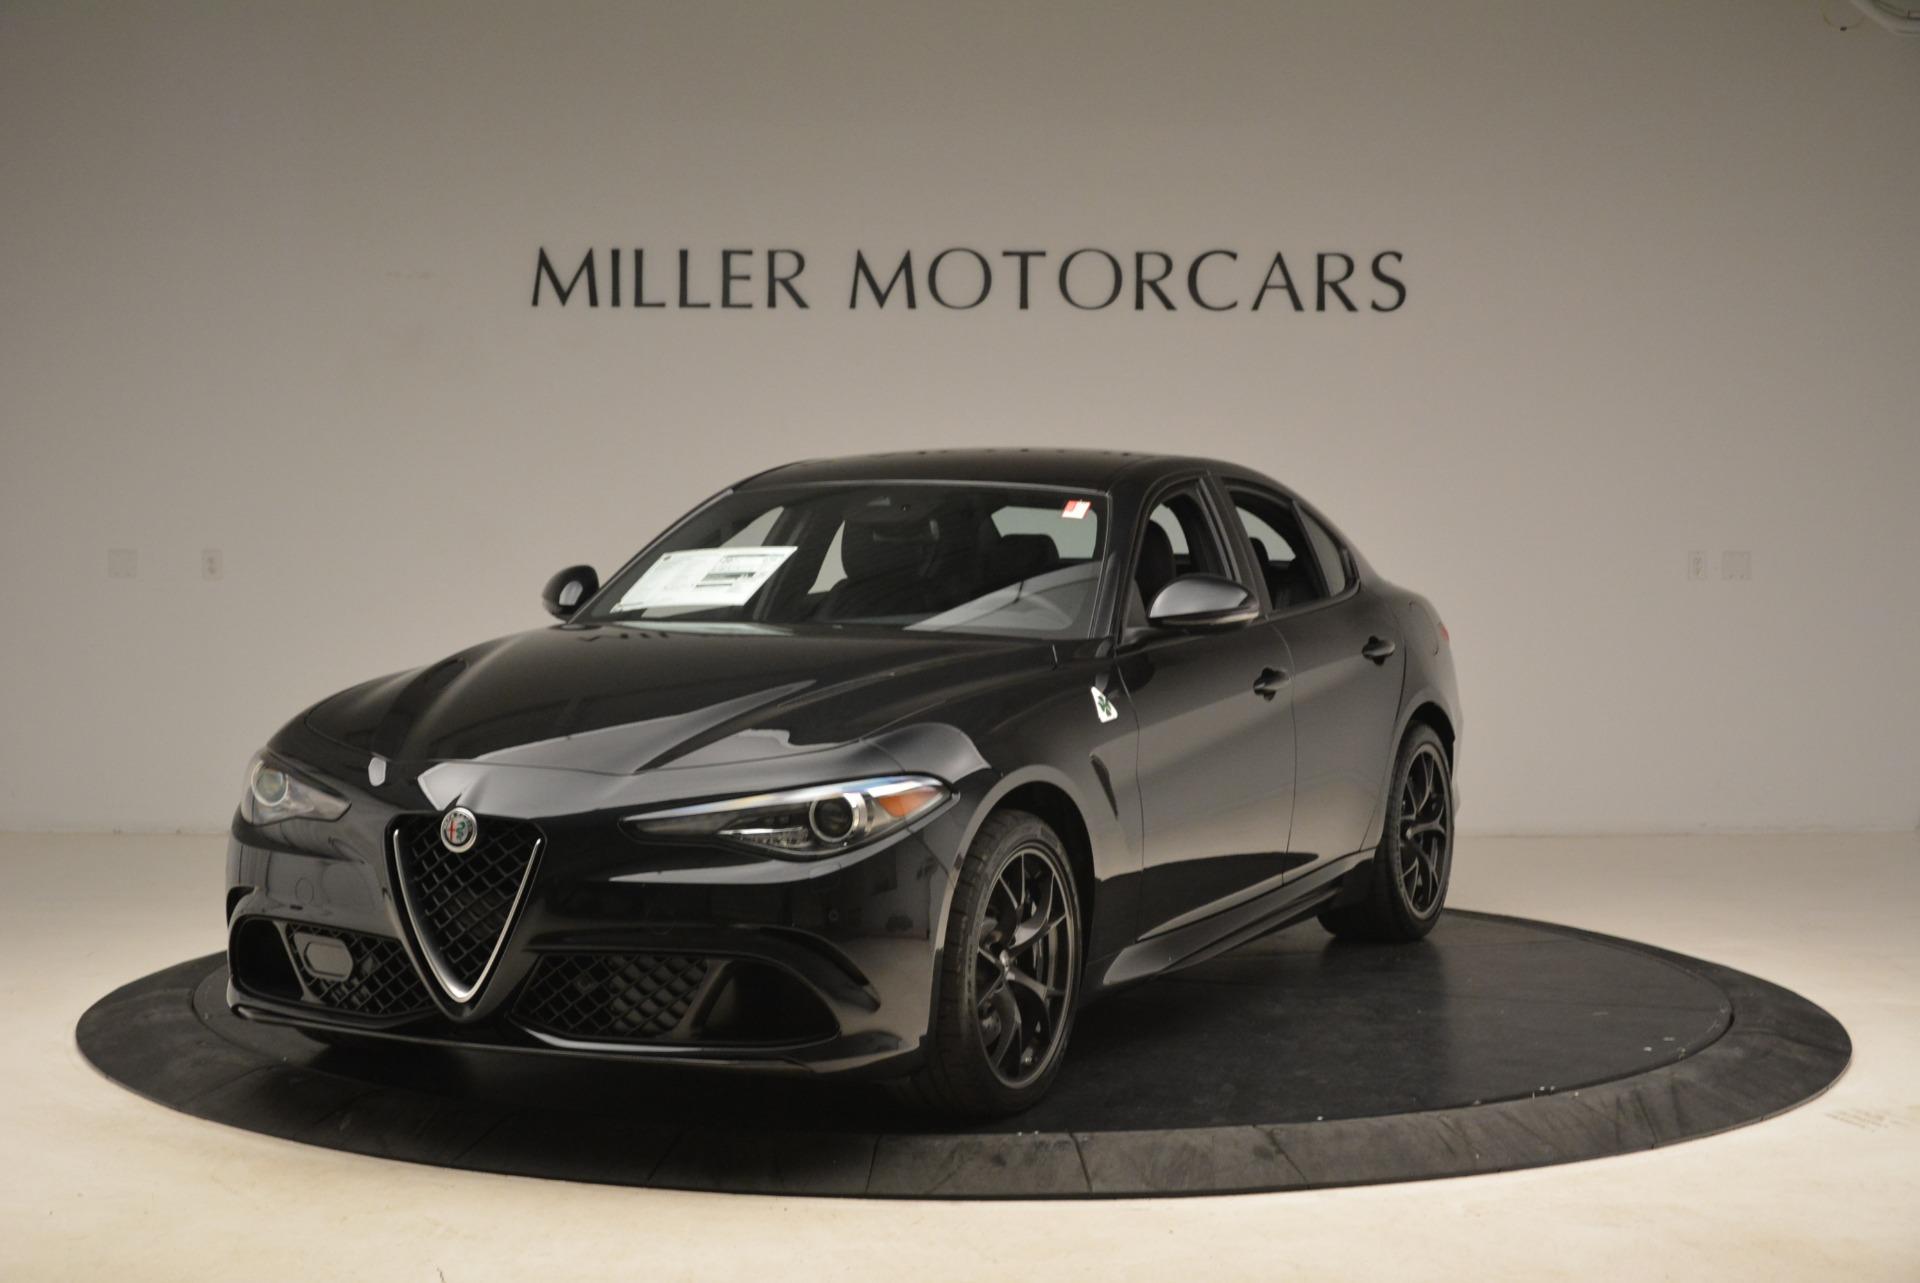 New 2018 Alfa Romeo Giulia Quadrifoglio For Sale In Greenwich, CT 2022_main